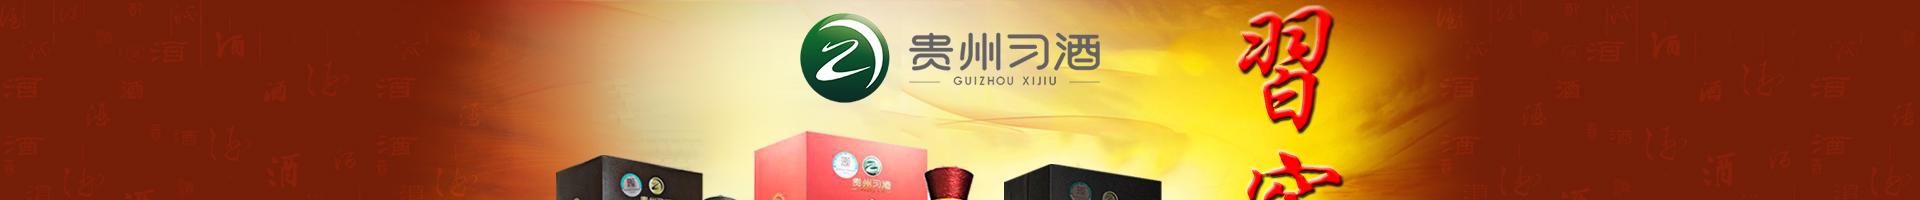 贵州茅台酒厂(集团)习酒有限公司品牌习窖全国运营中心